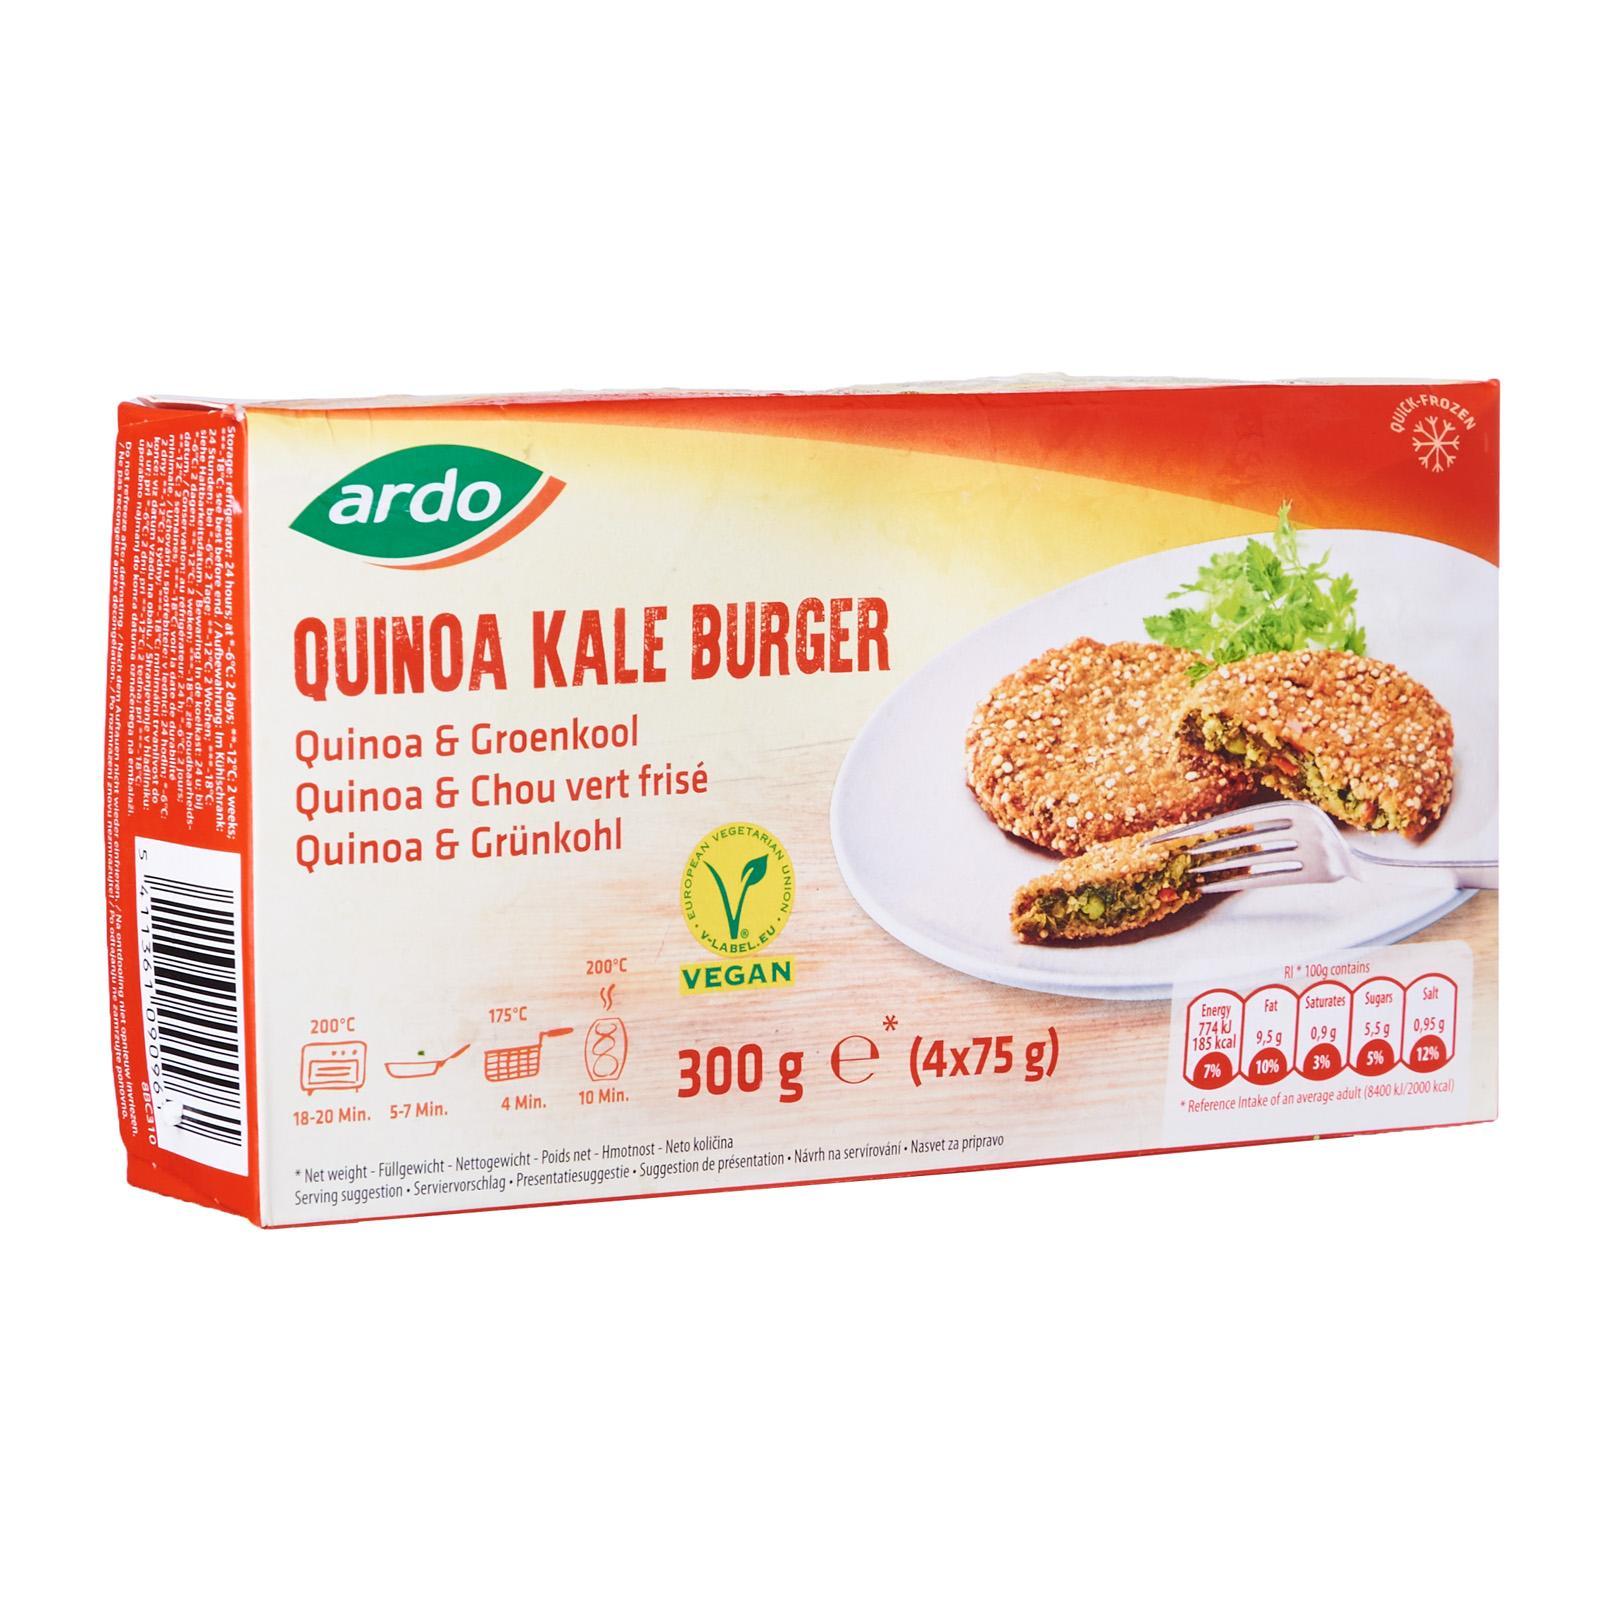 ARDO Quinoa Kale 4 Burgers - Frozen